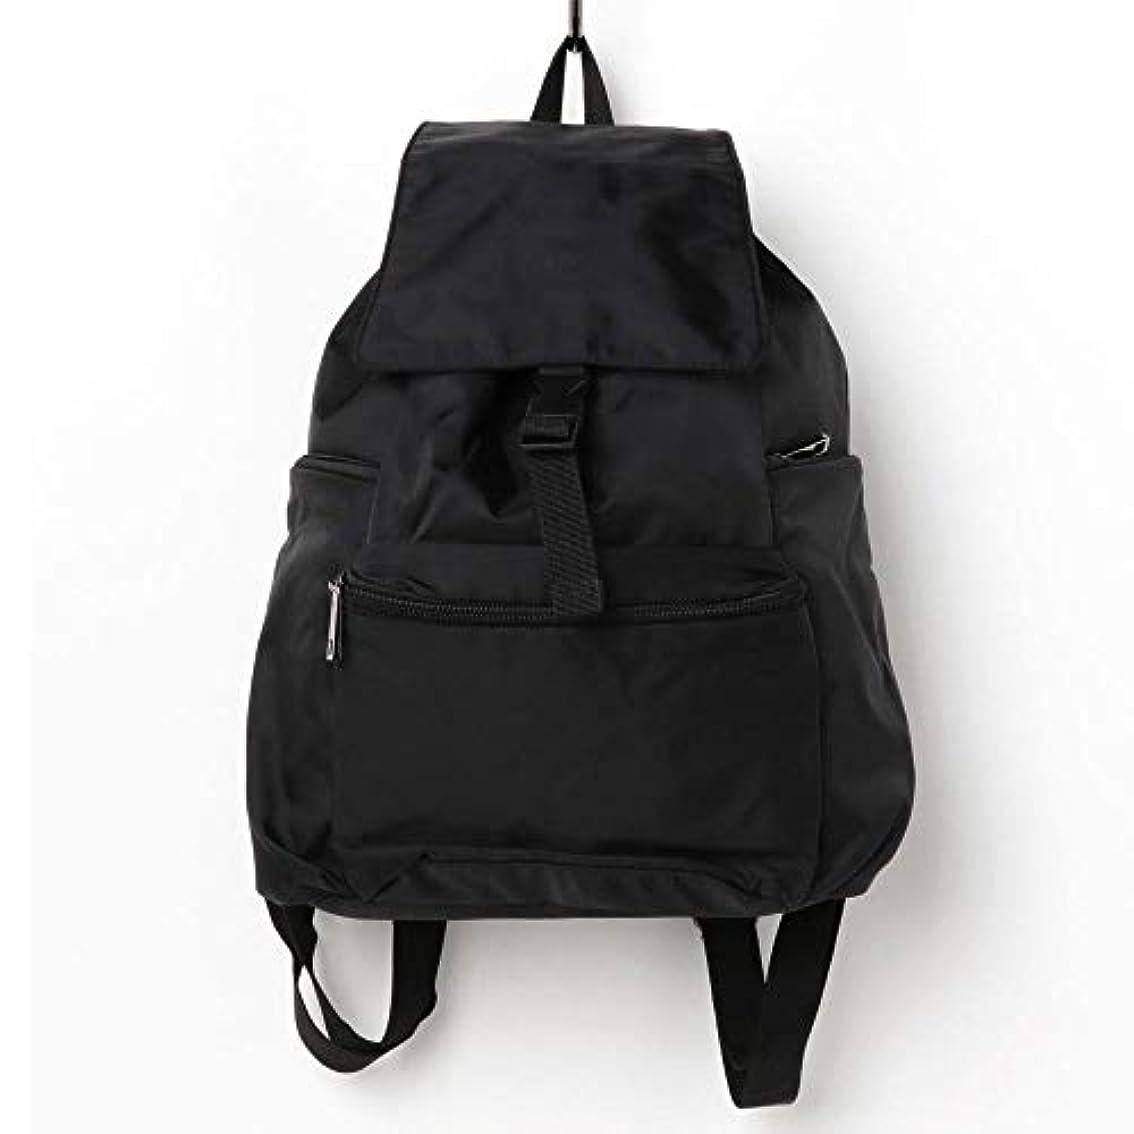 大洪水状況黒人ninon ニノン ナイロン リュック レディース スポーツ A4サイズ収納可 大容量 通勤バッグ